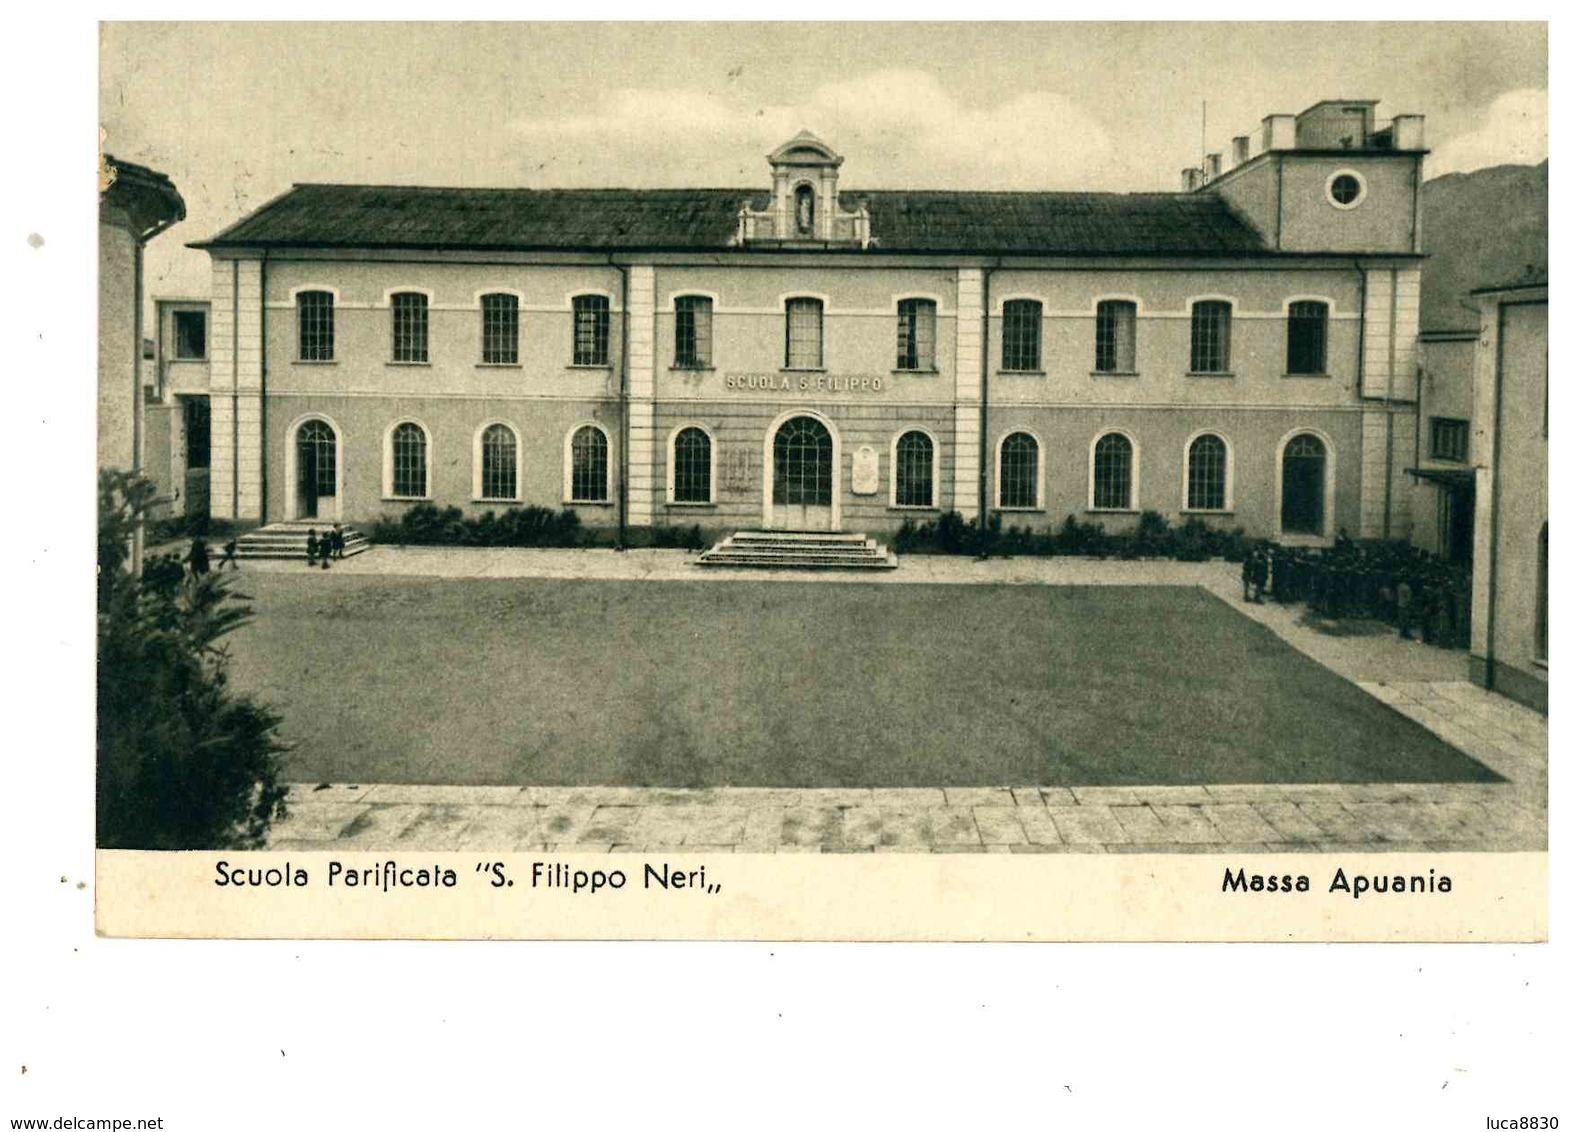 MASSA APUANIA SCUOLA S. FILIPPO NERI - Massa